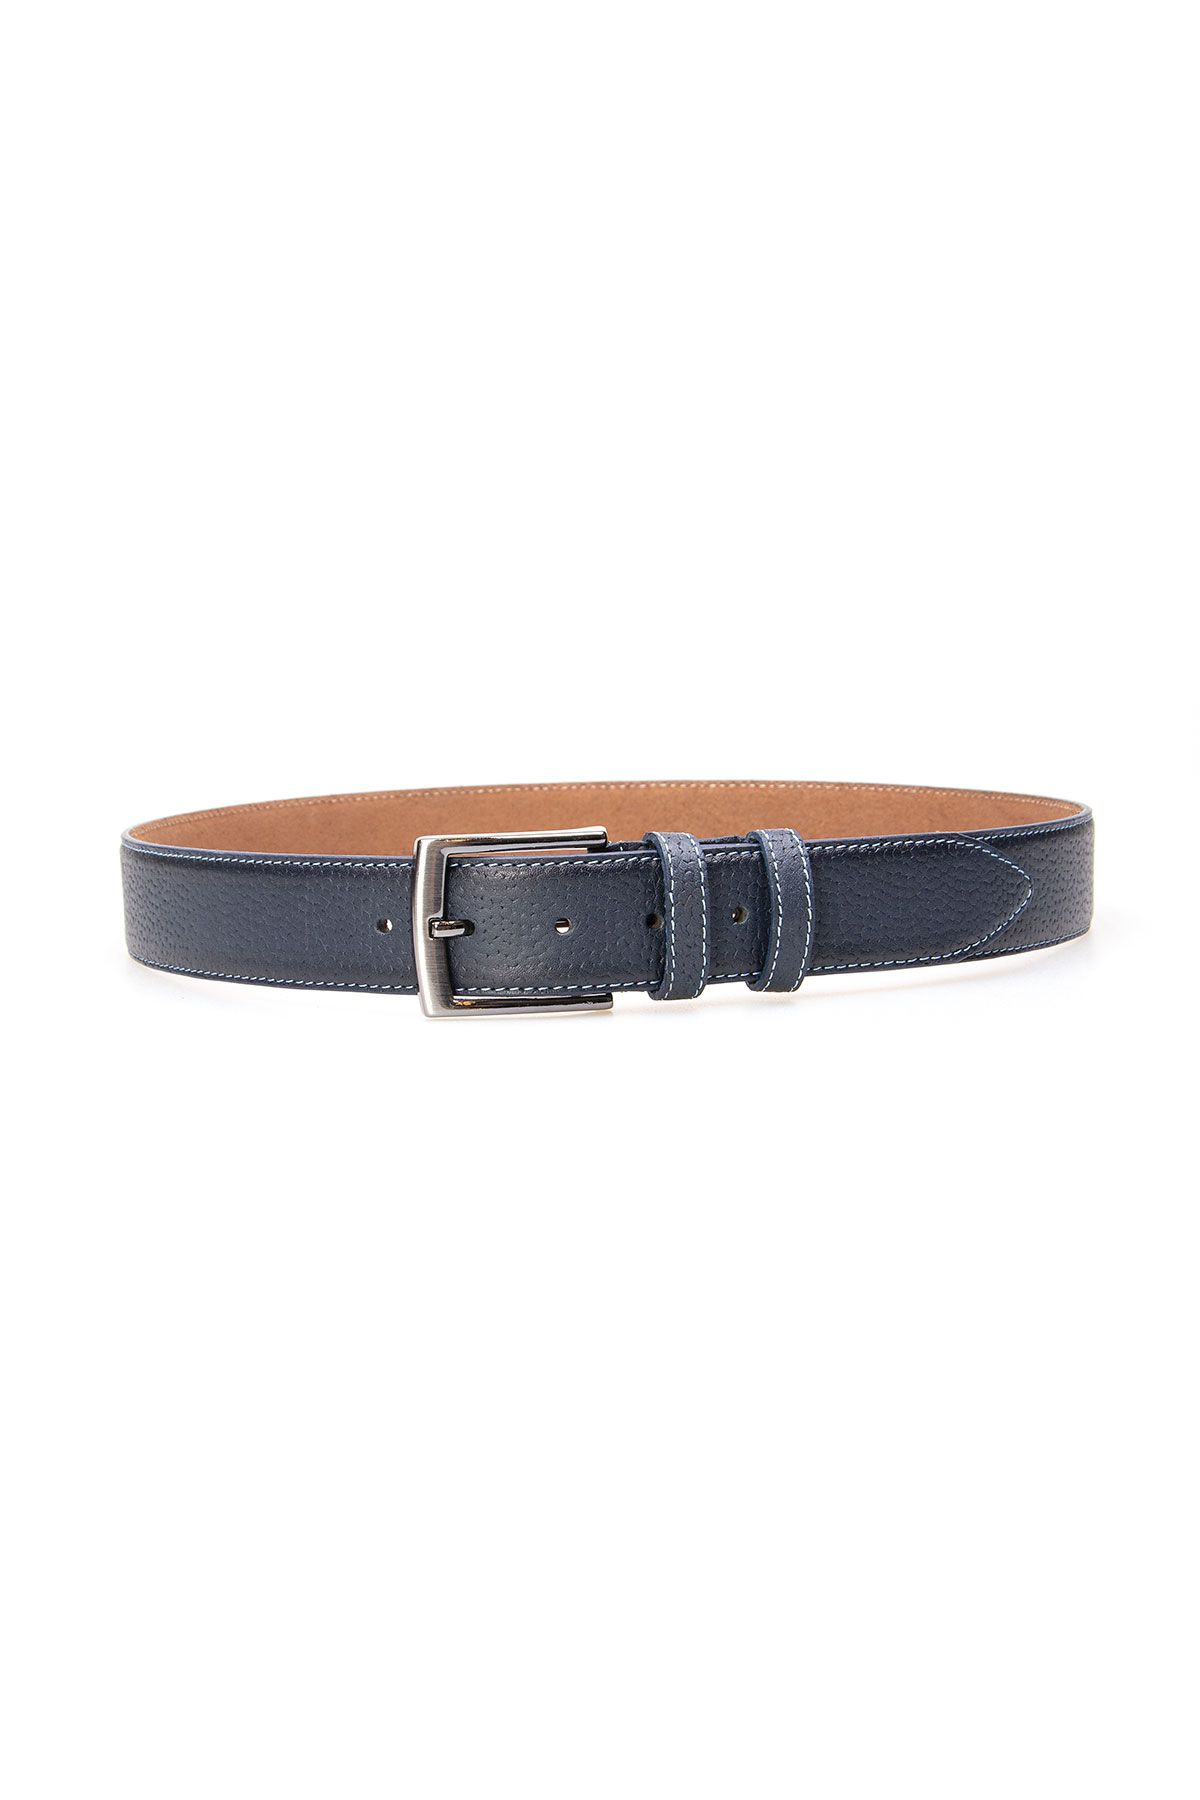 Pegia Men's Genuine Leather Belt 19KMR05 Navy blue